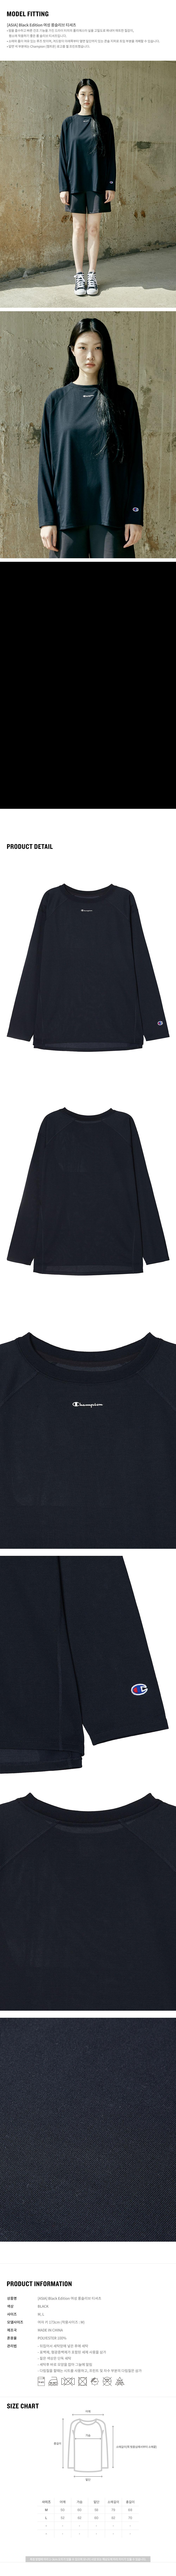 챔피온 재팬(CHAMPION JAPAN) [ASIA] Black Edition 여성 롱슬리브 티셔츠 (BLACK) CKTS1E576BK